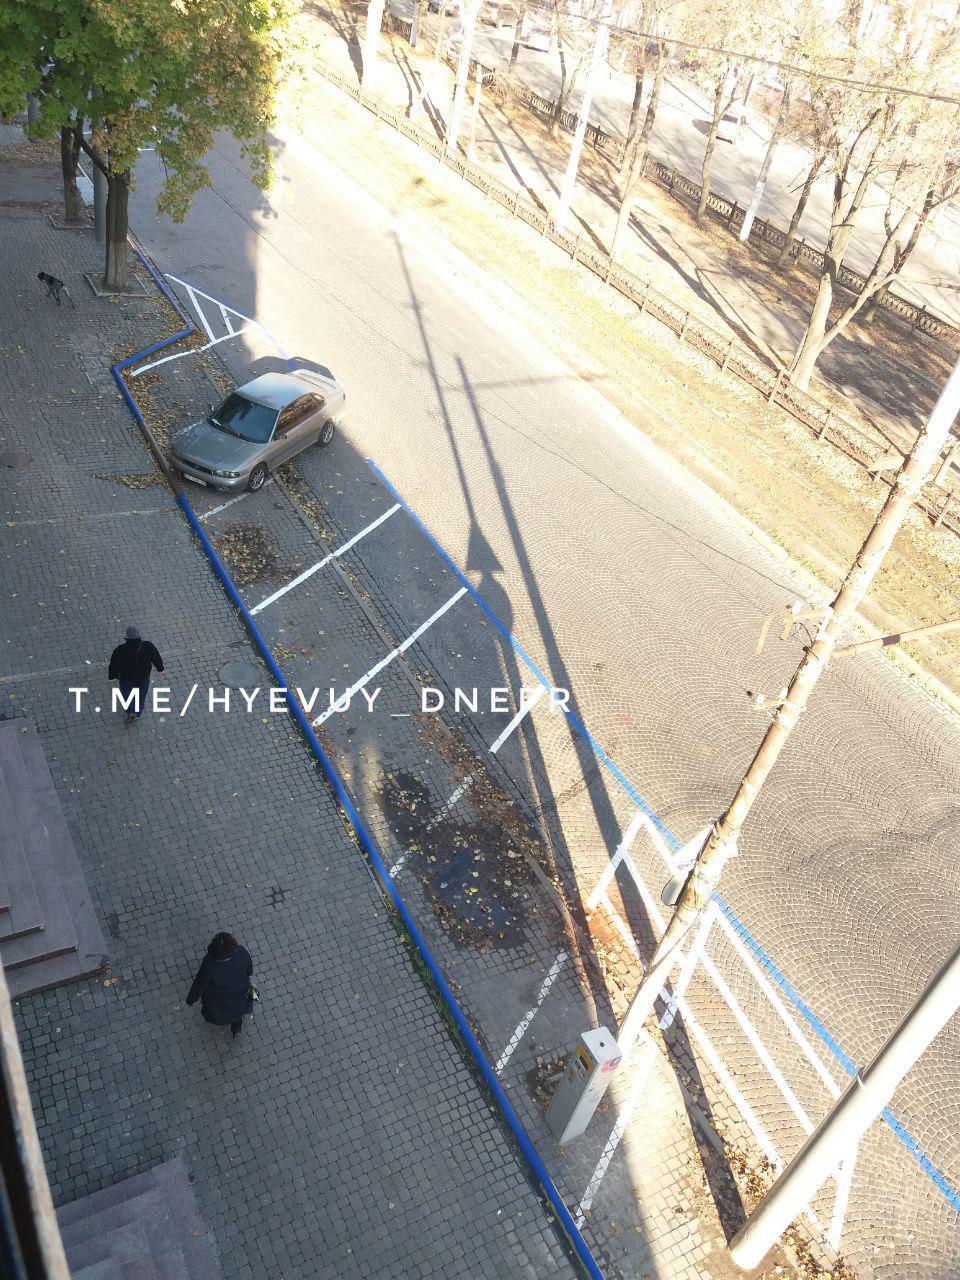 «Качественная» парковка: разметку нанесли прямо вокруг машины и луж. Новости Днепра